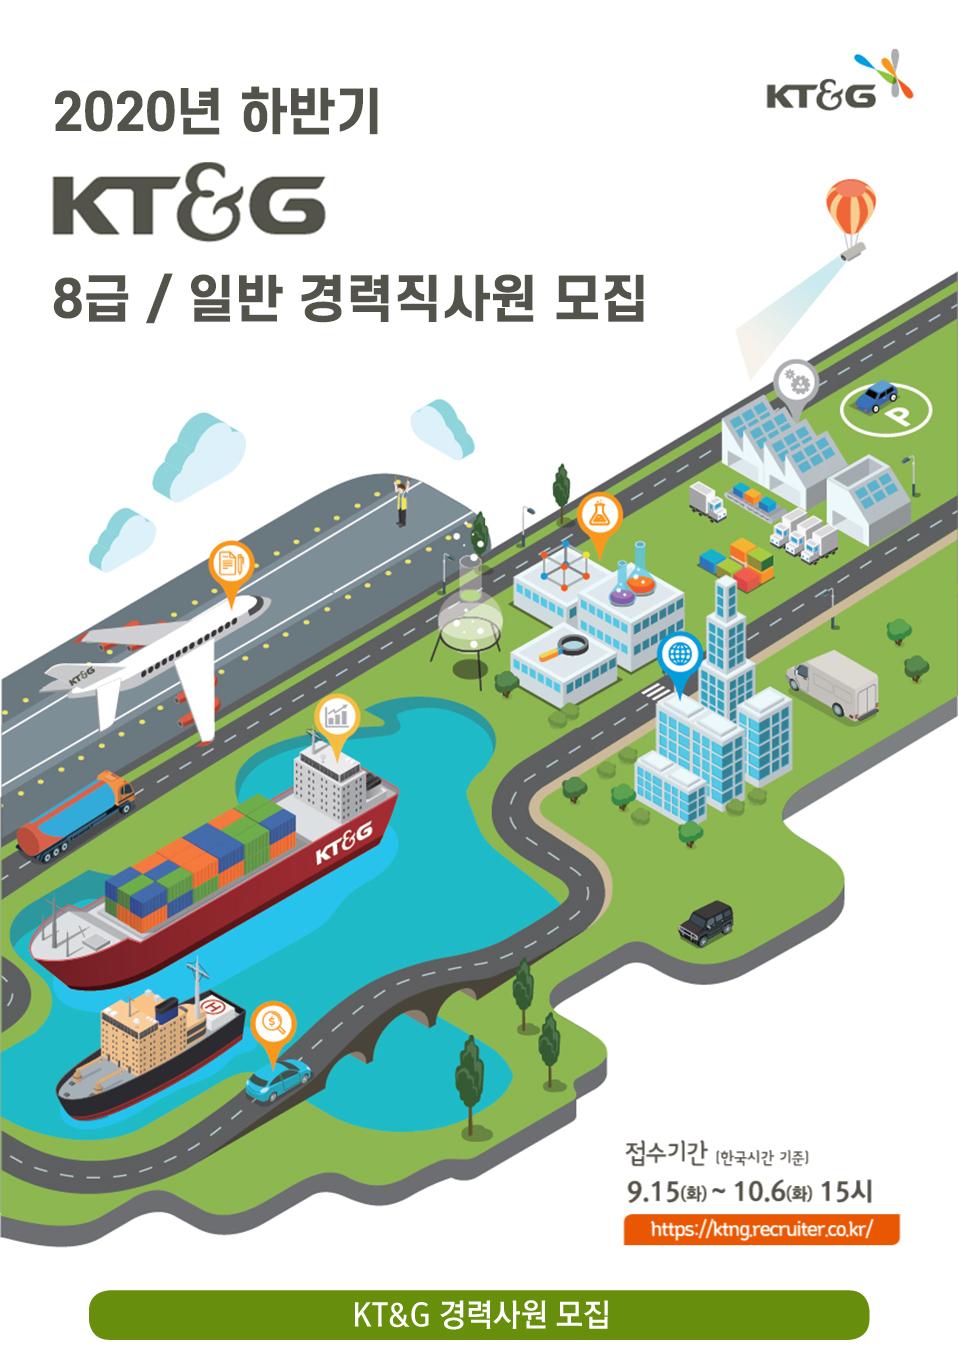 2020년 하반기 KT&G 8급/일반 경력사원 모집